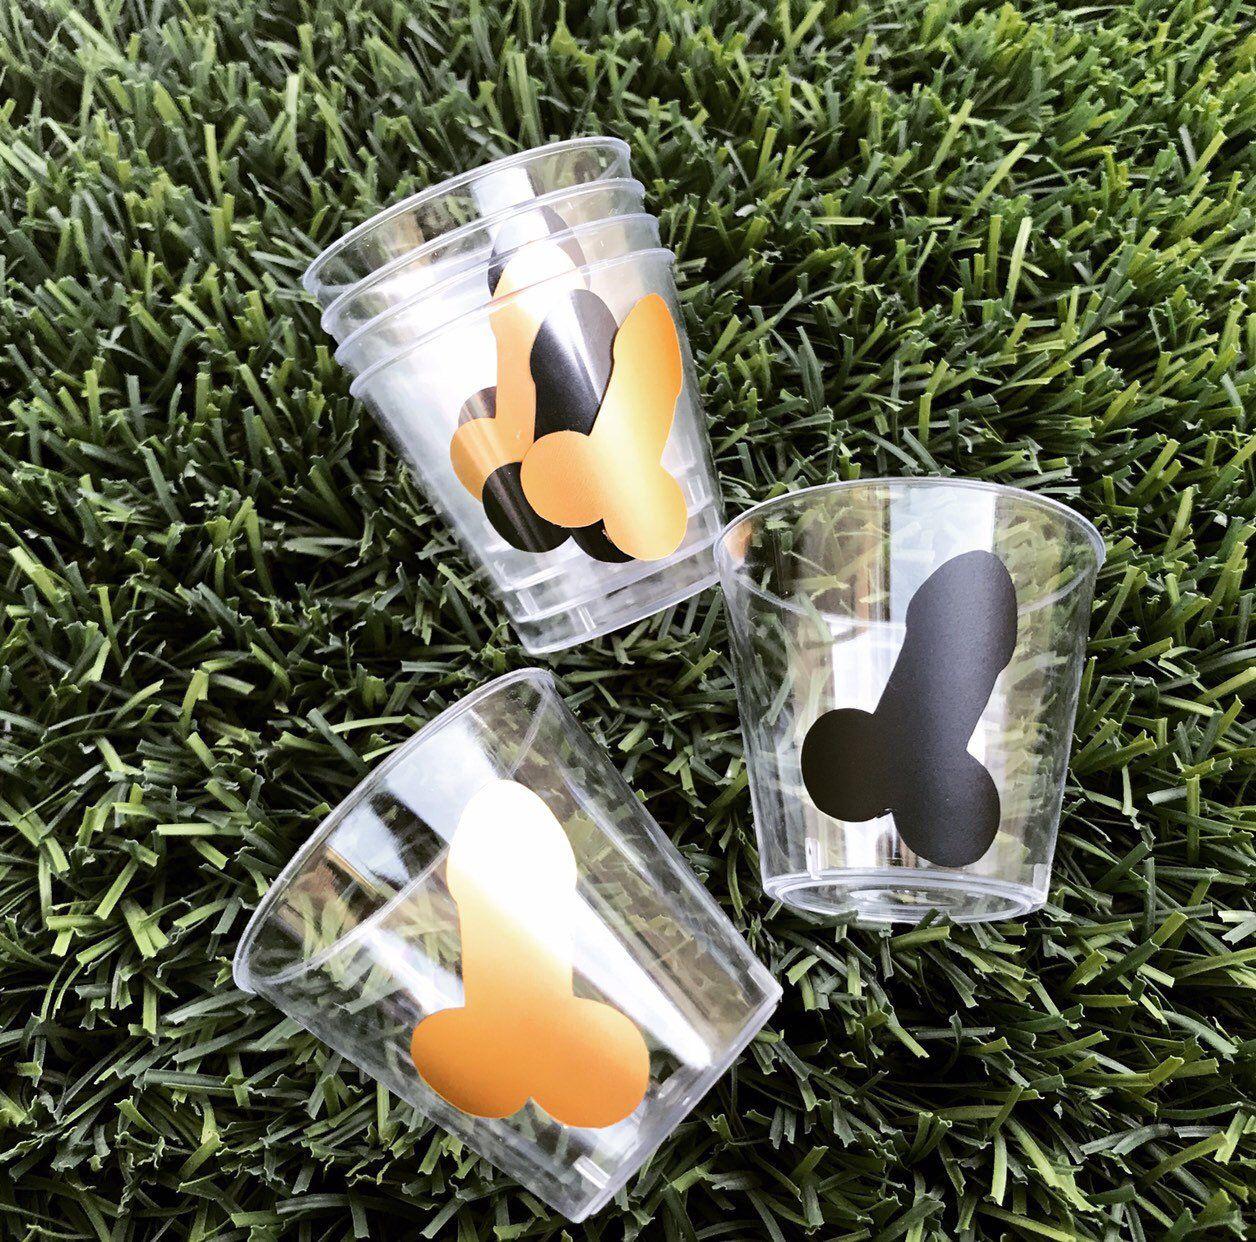 Bachelorette Party Shot Glasses, Plastic Bachelorette Shot Cups, Hen Party Shot Glasses/Cups, Disposable Shot Glass Bachelorette, Shot Cups #bachelorettepartyideas